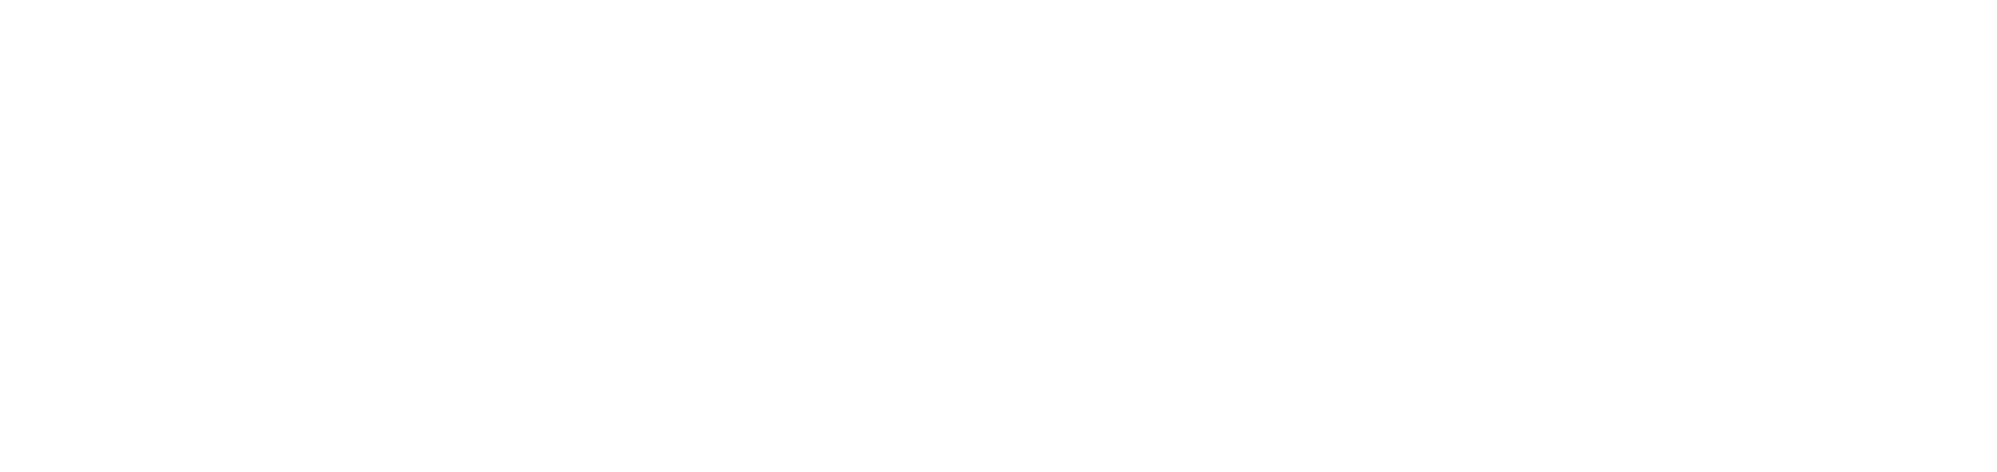 Logotipo ETALENT branco